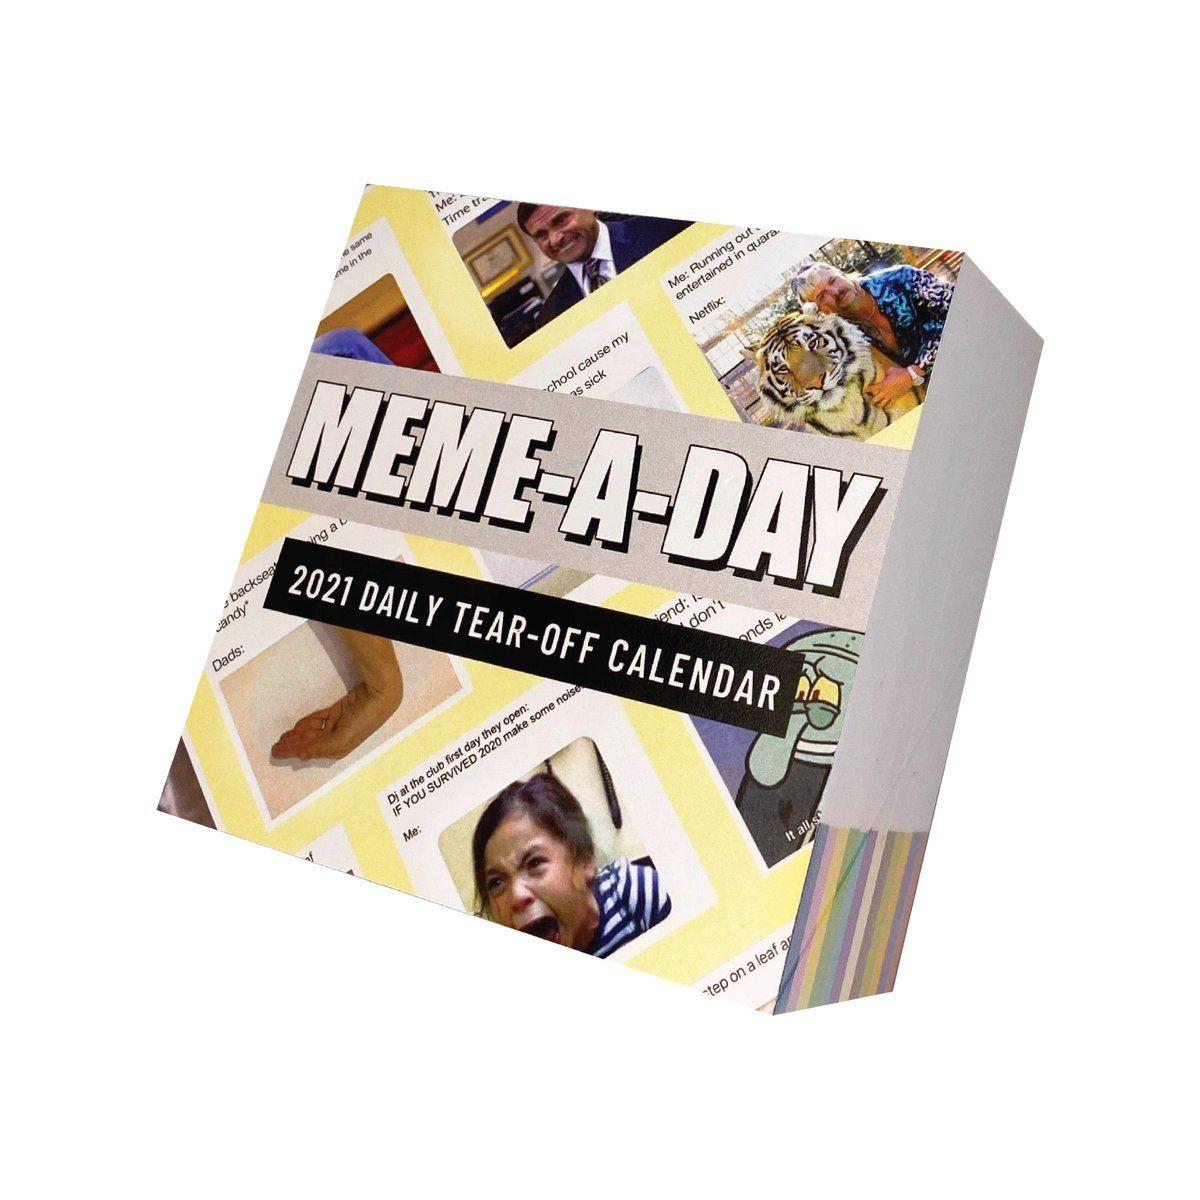 Memeaday Com Memes Meme Calendar Me Too Meme